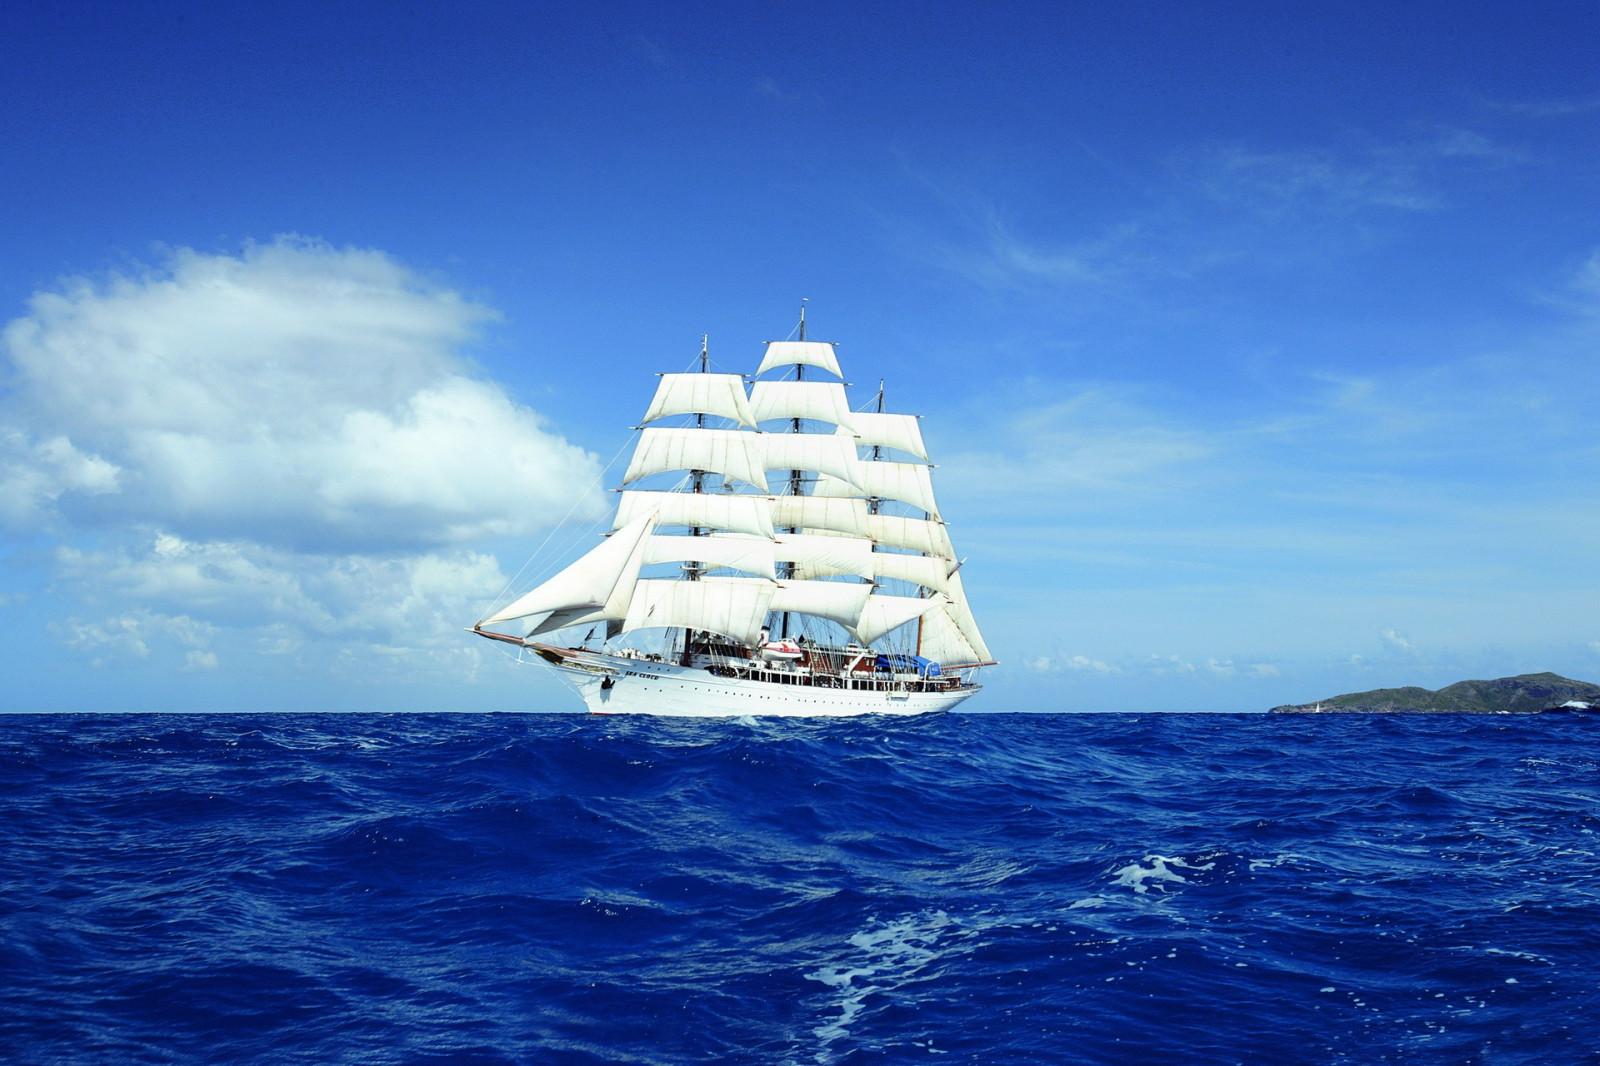 Открытки с кораблем и морем, открытки